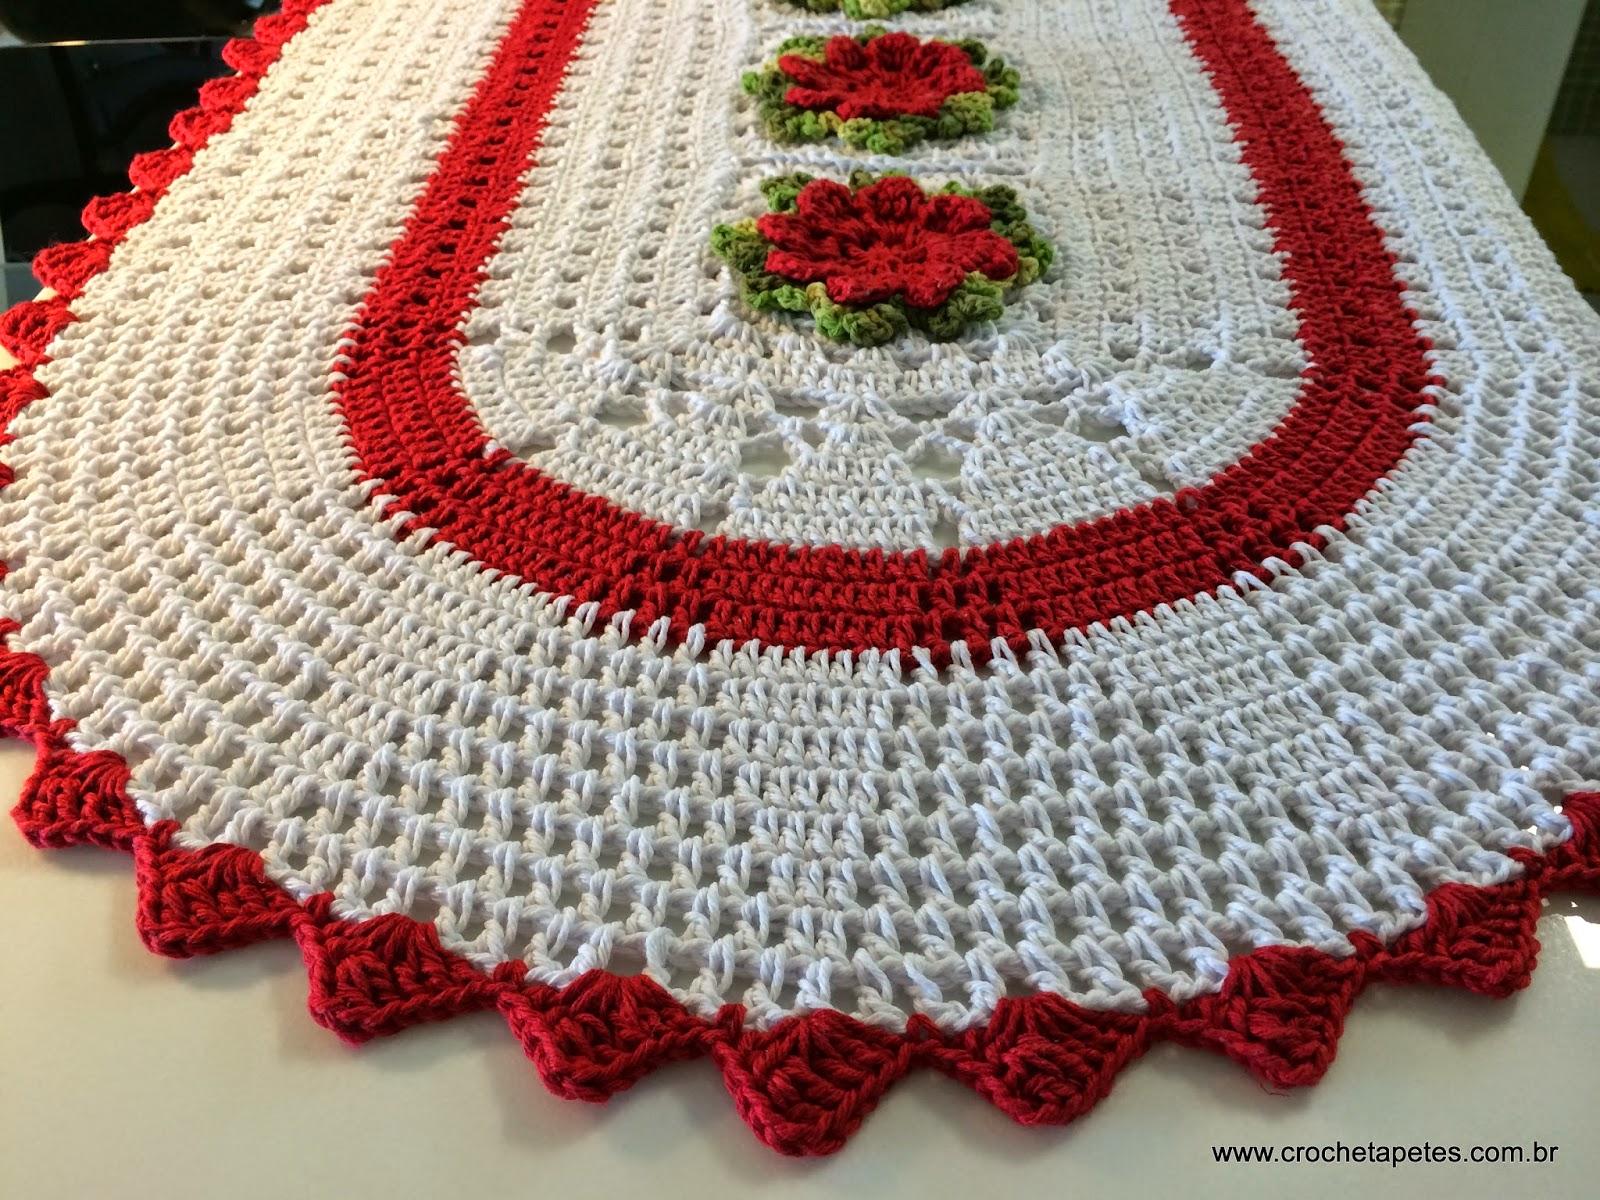 Fonte do Gráfico: Blog da Carla Cristina e Crochet